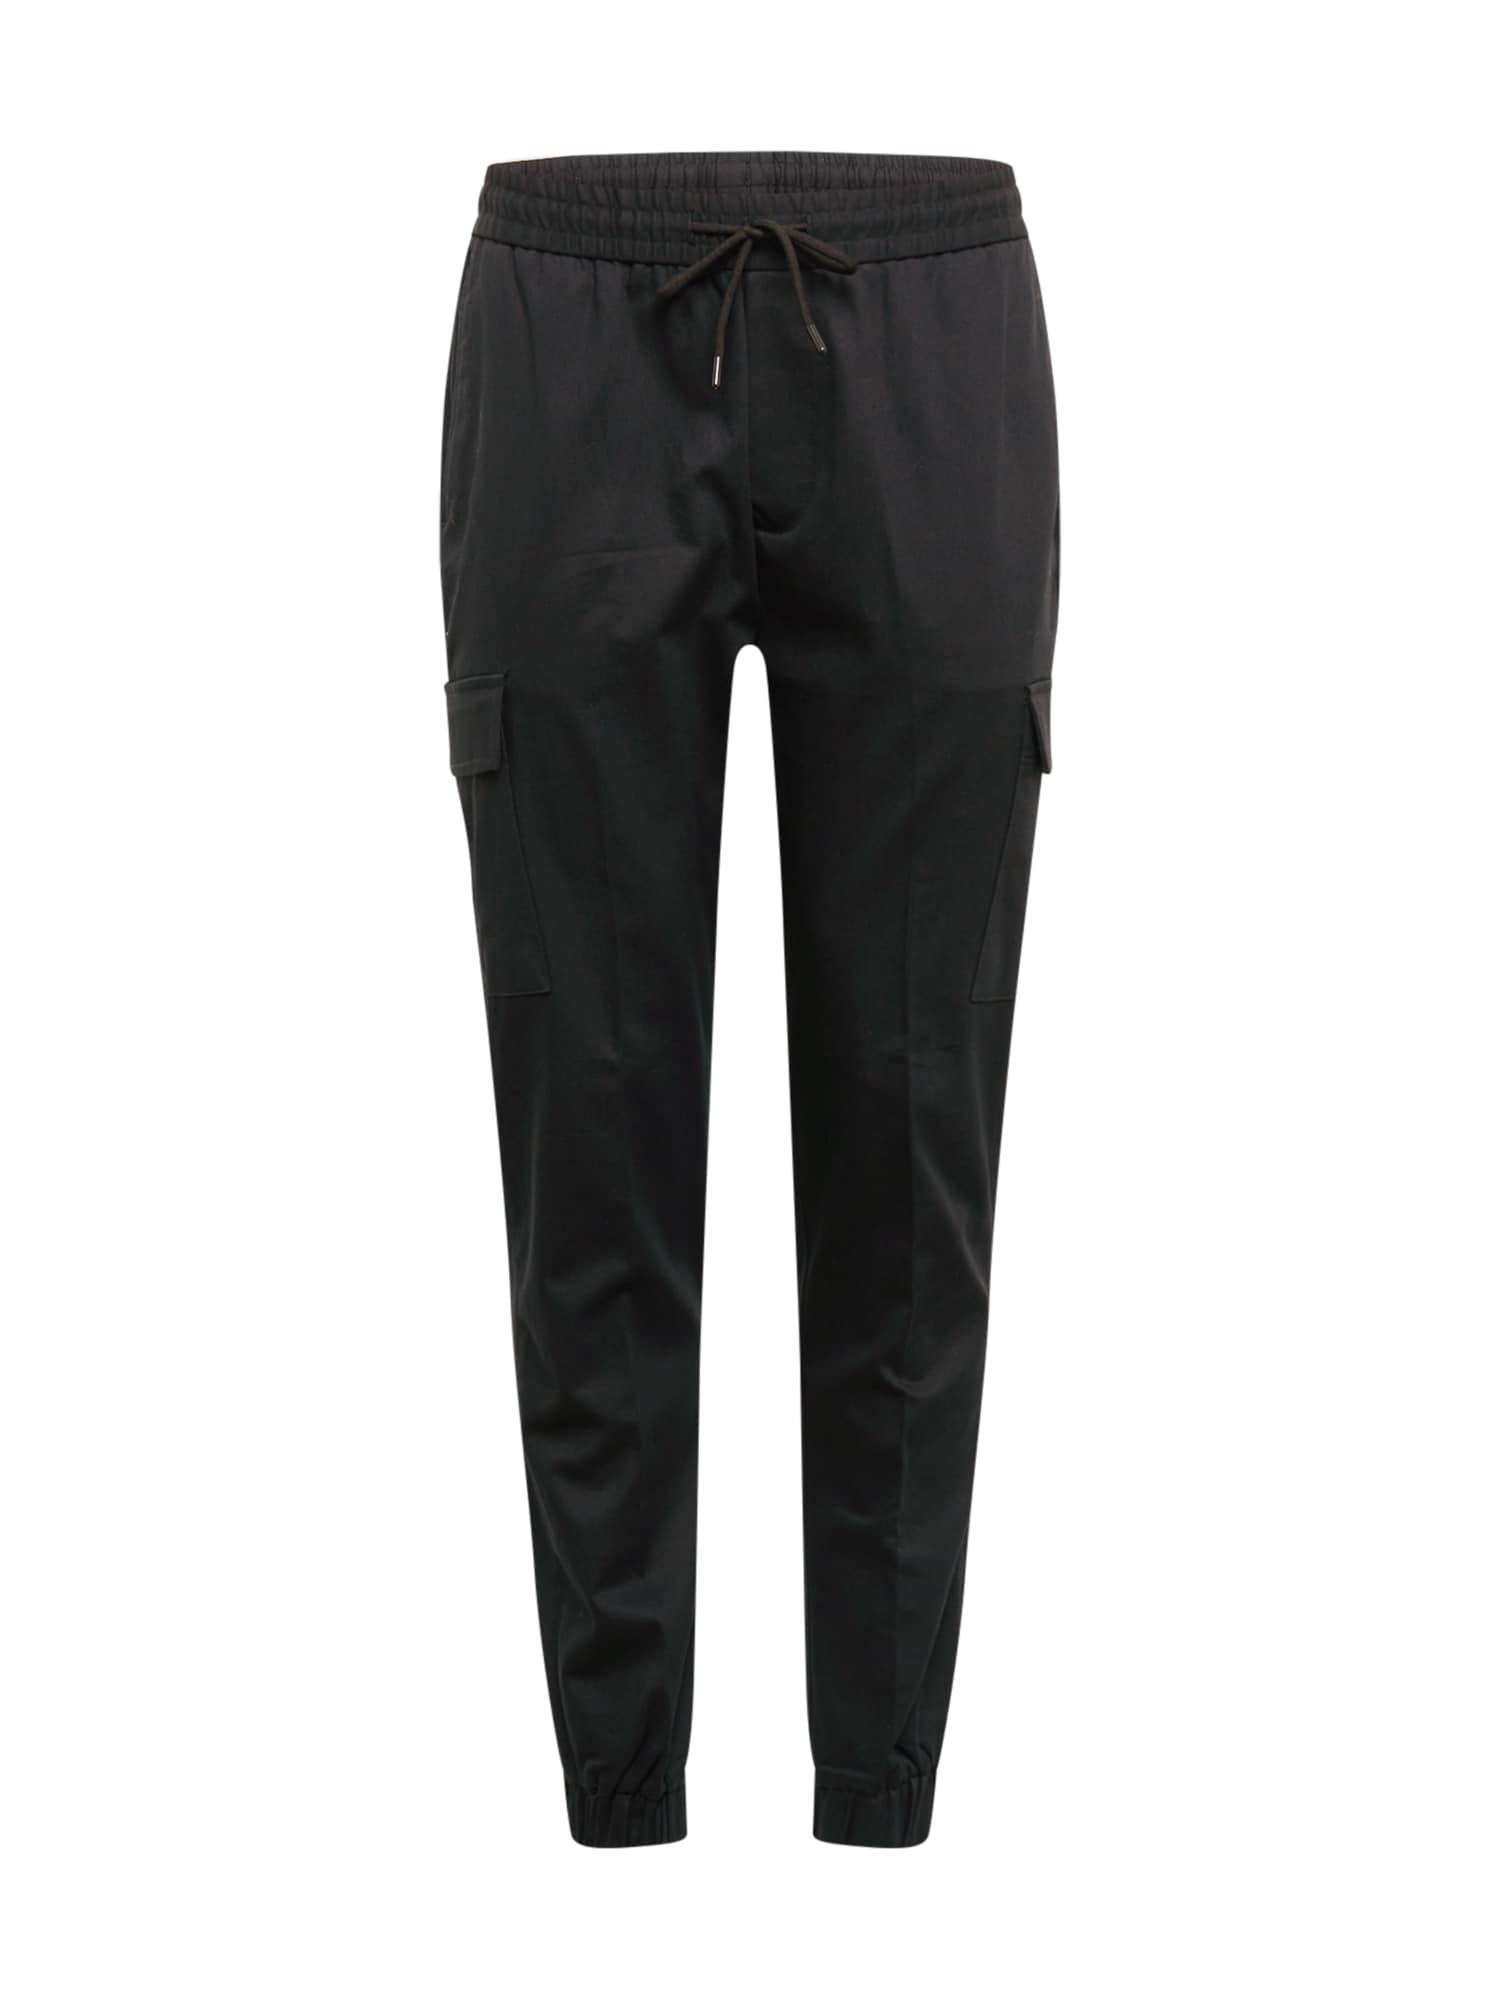 BURTON MENSWEAR LONDON Laisvo stiliaus kelnės juoda